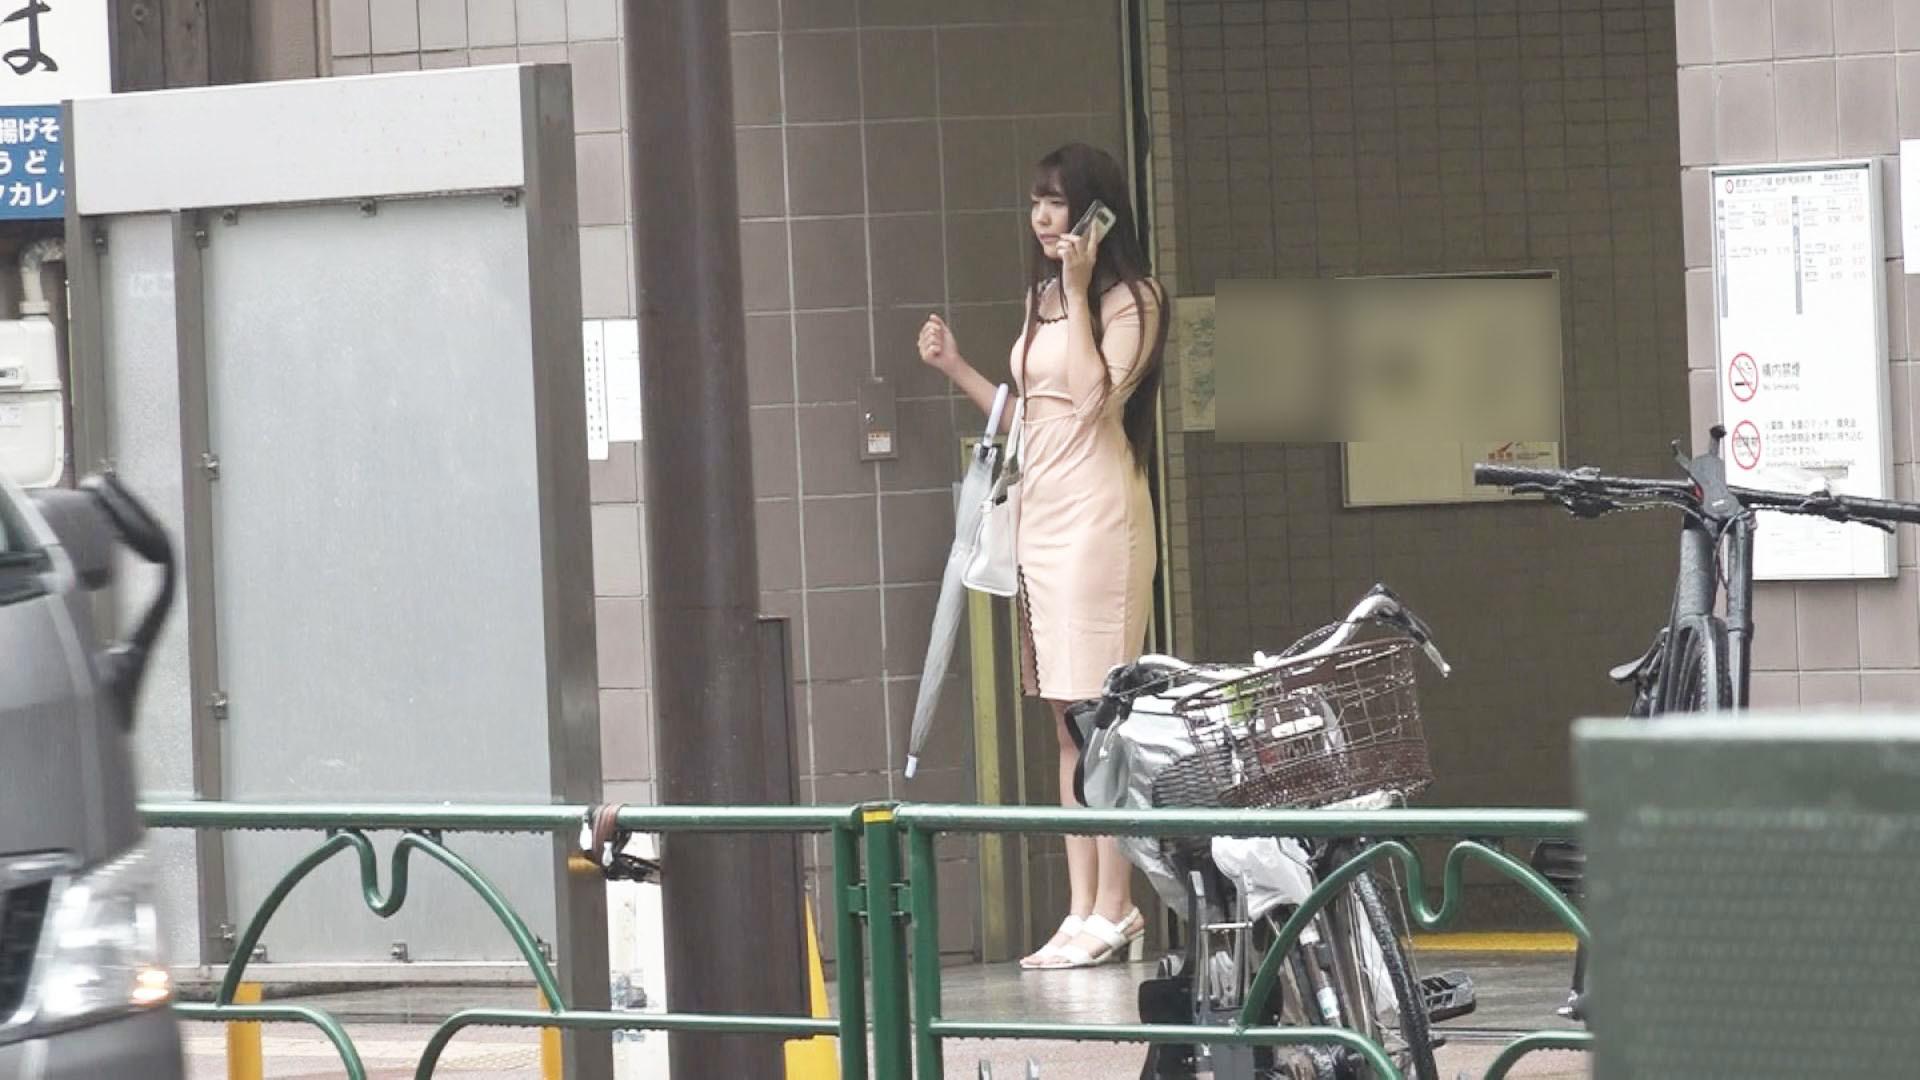 タワマンパーティーで出会ったミスキャンパス・ファイナリストでアナウンサーの卵(某局内定済?)との過激動画をリベンジポルノ流出 顔良しスタイル良し頭良しの三拍子そろった意識高い系女子・理沙さん